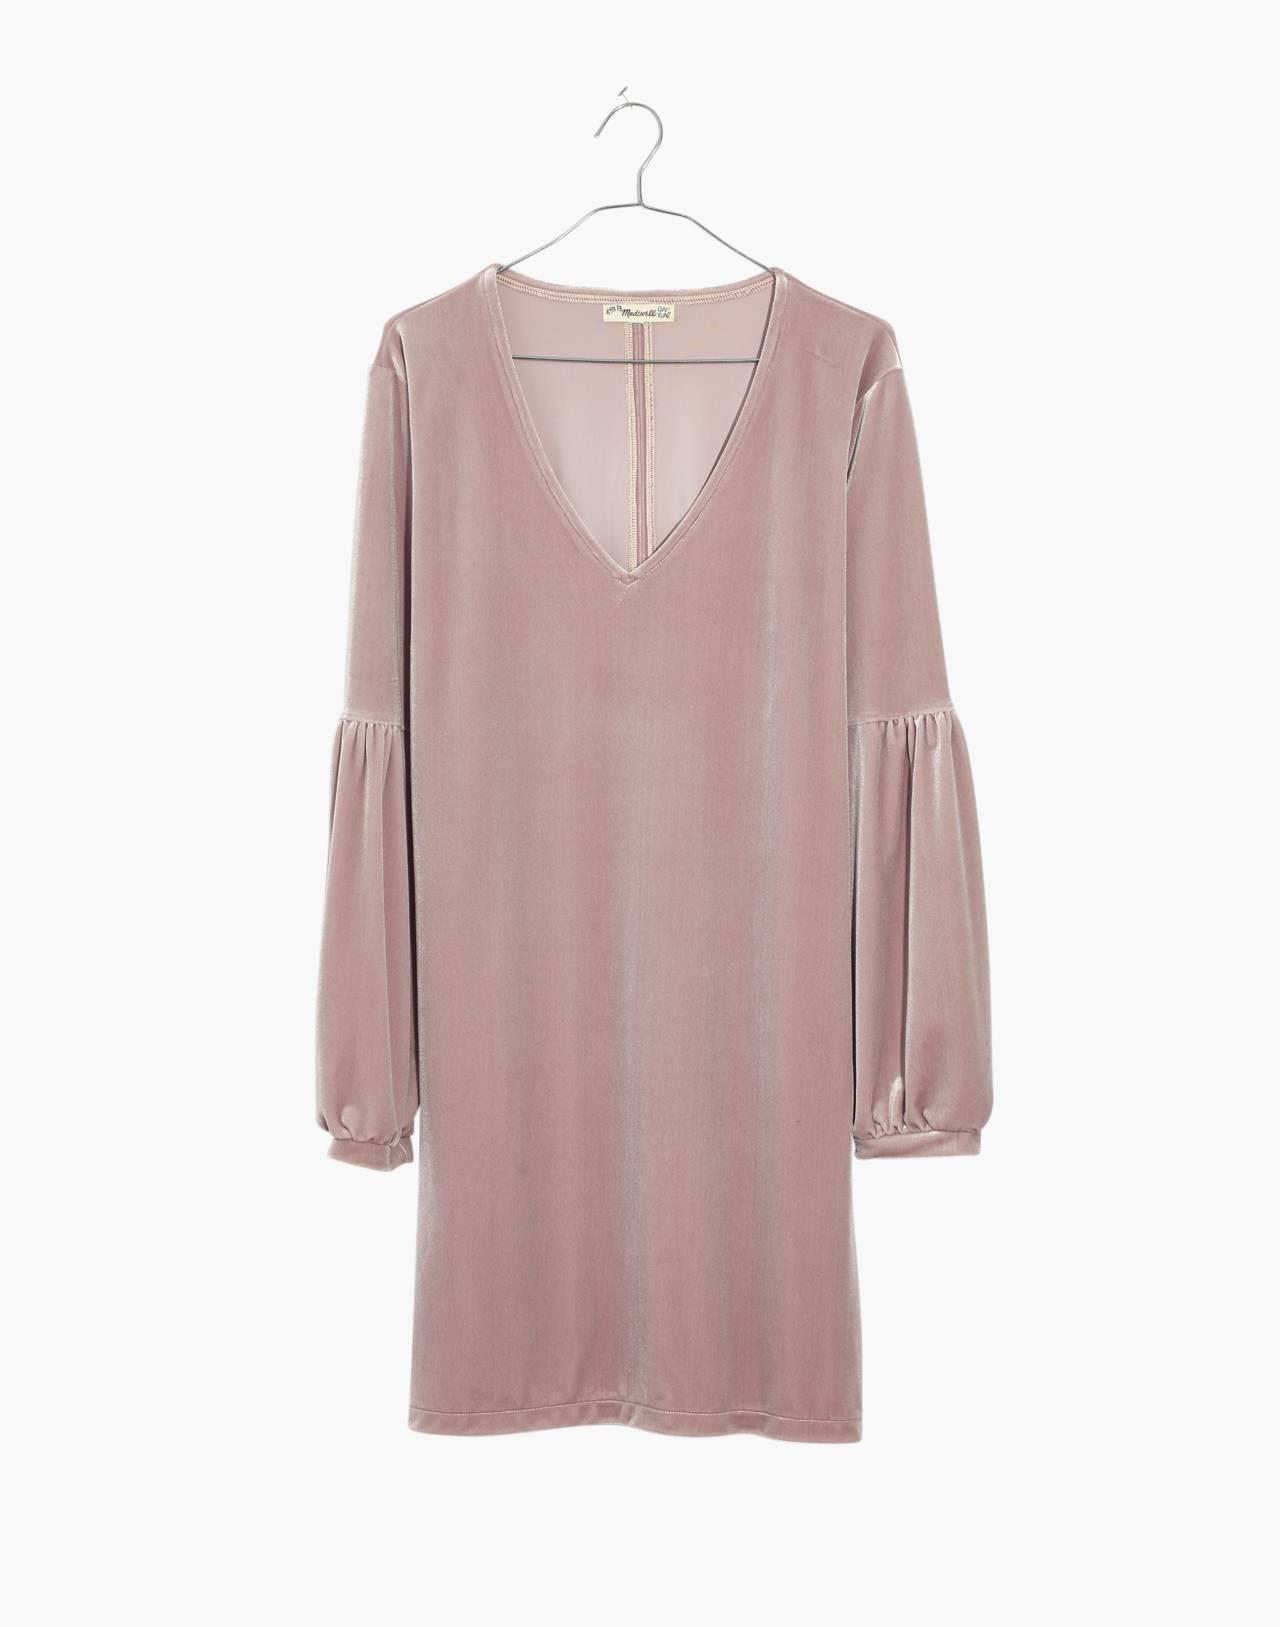 Velvet Balloon-Sleeve Dress in wisteria dove image 4